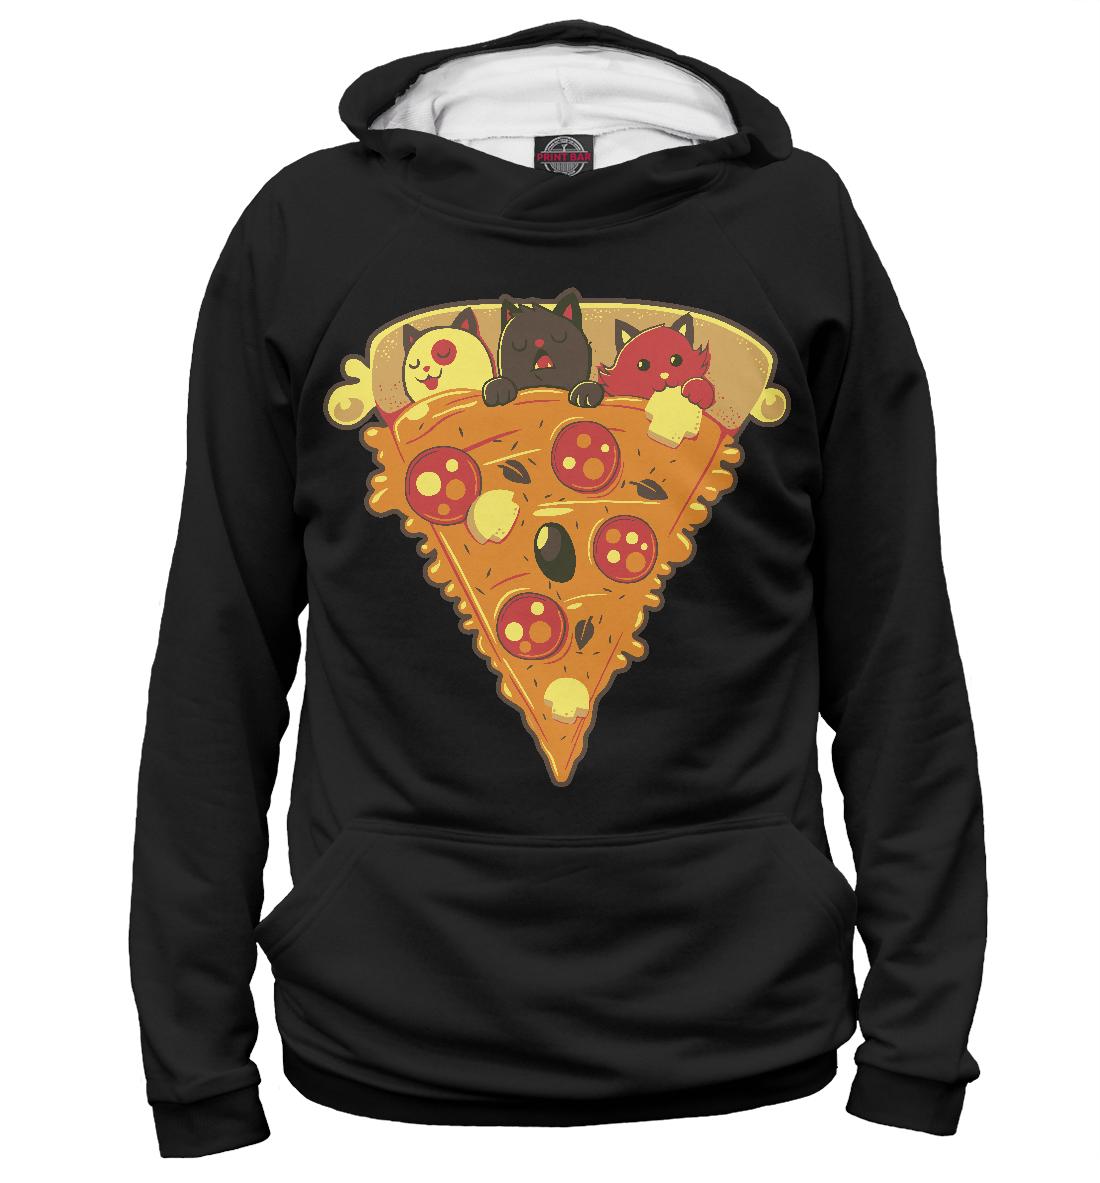 Купить Котята в пицце, Printbar, Худи, CAT-726327-hud-1